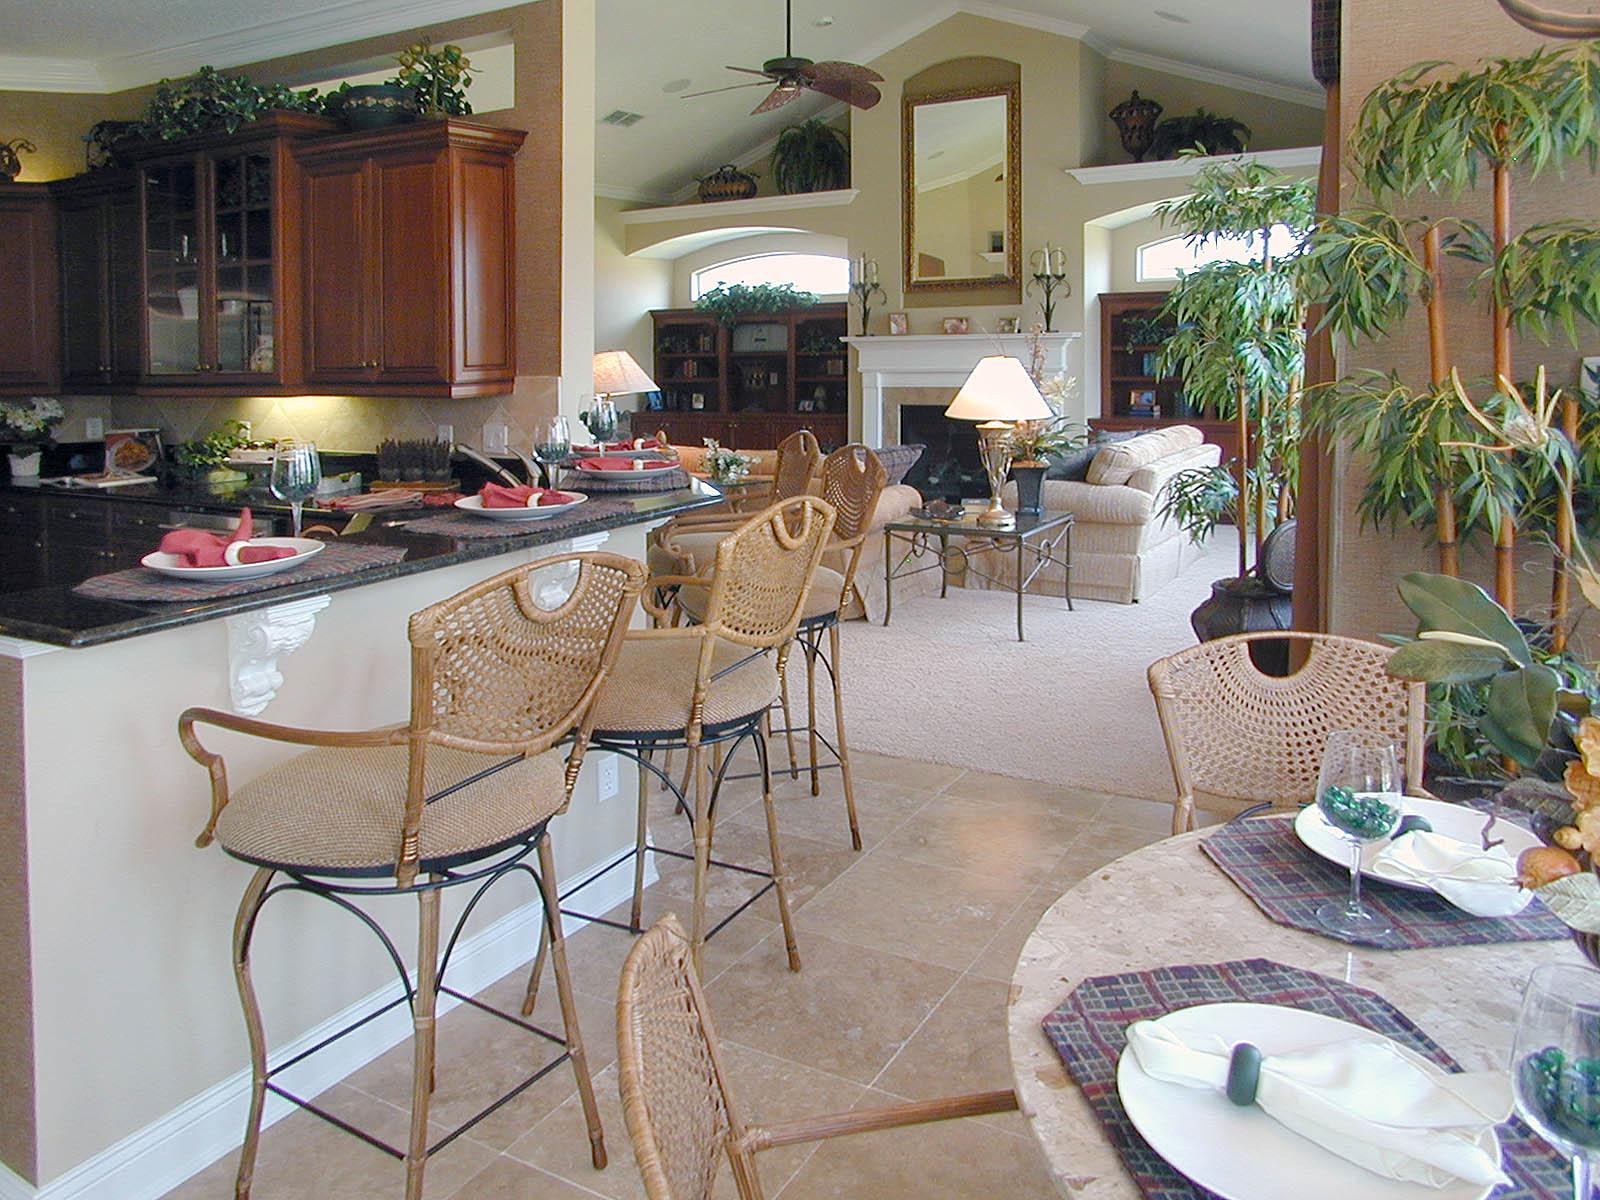 Model Homes Jacksonville FL